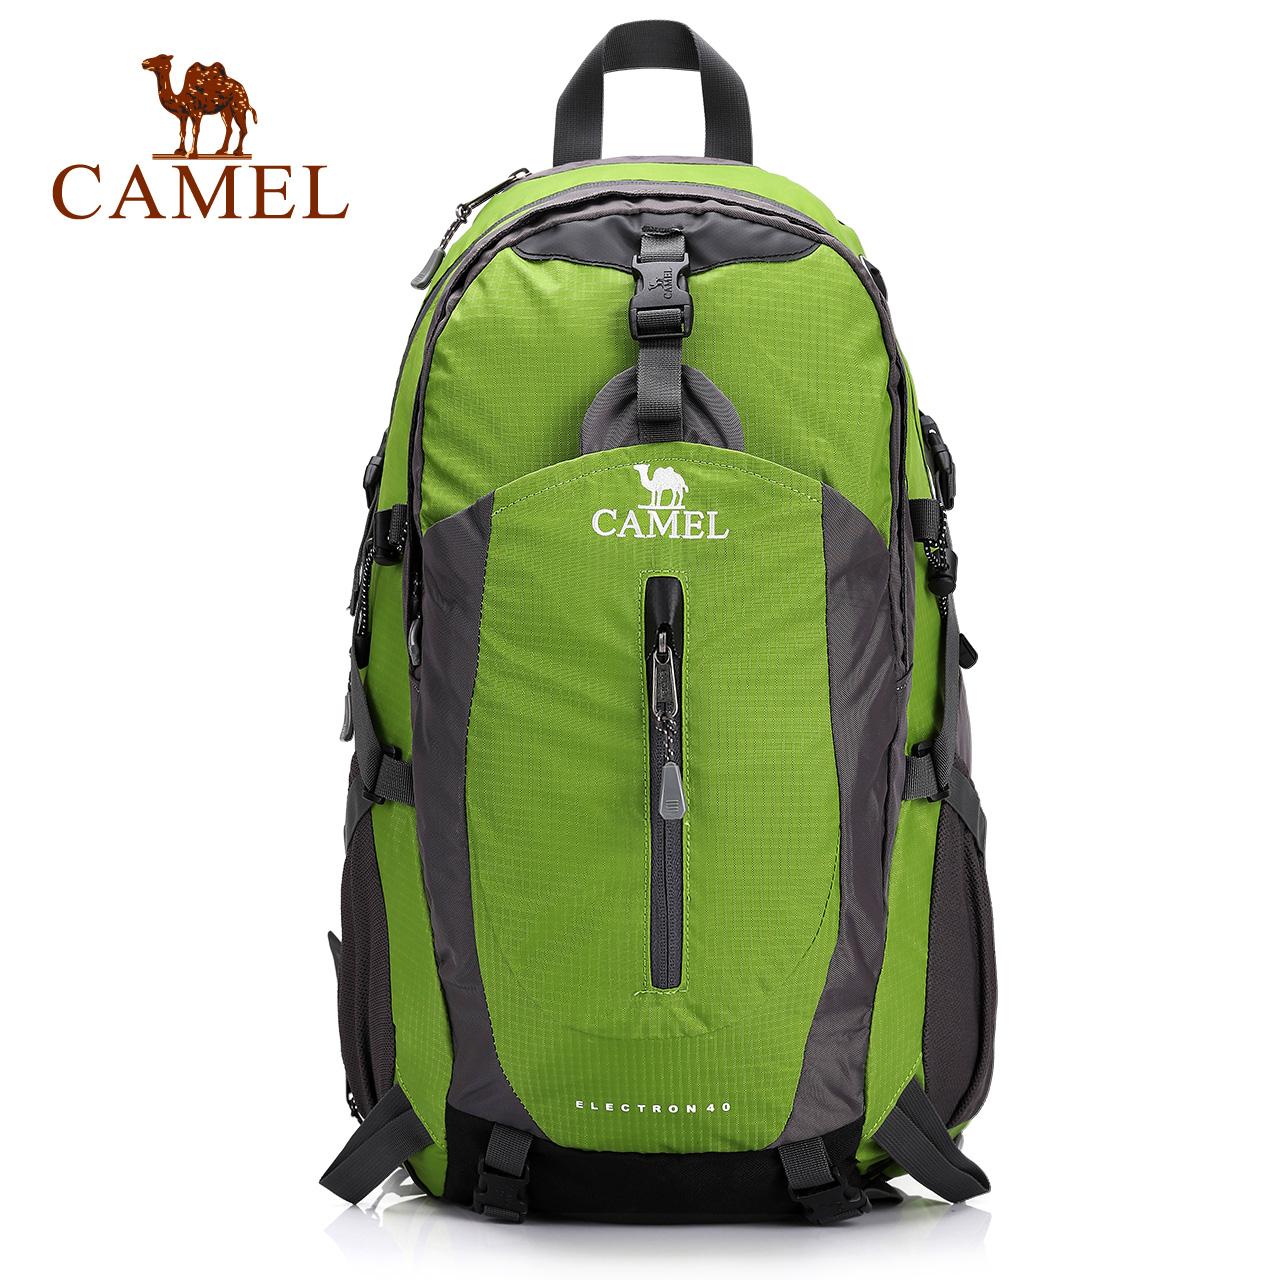 Camel骆驼 登山包好不好,登山包哪个牌子好